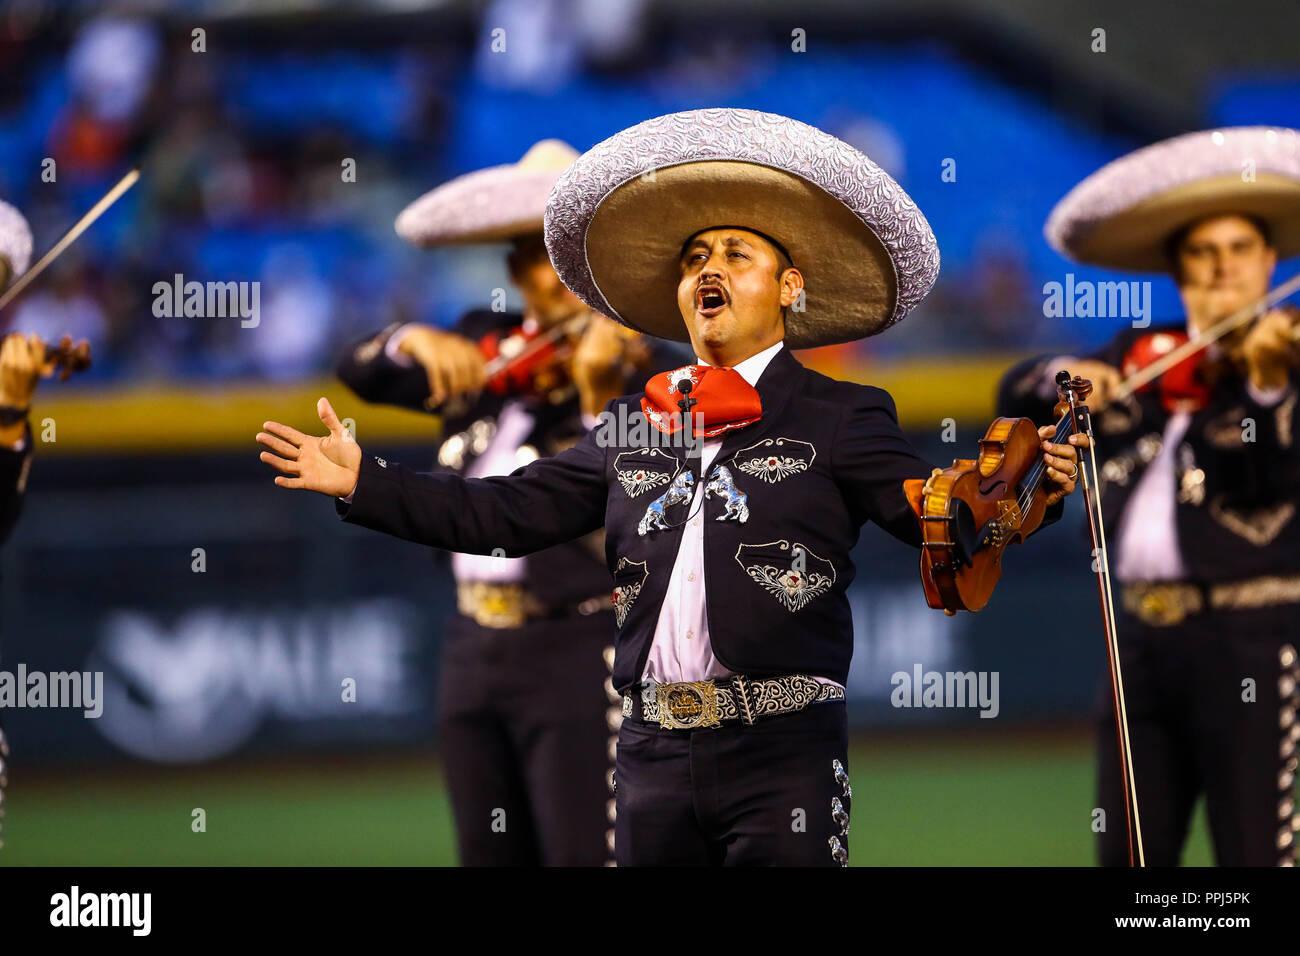 Béisbol afectada ponga el color y la atmósfera de los Charros de Jalisco estadio, durante los partidos de los equipos de México, Cuba, Puerto Rico, República Dominicana Volver Imagen De Stock